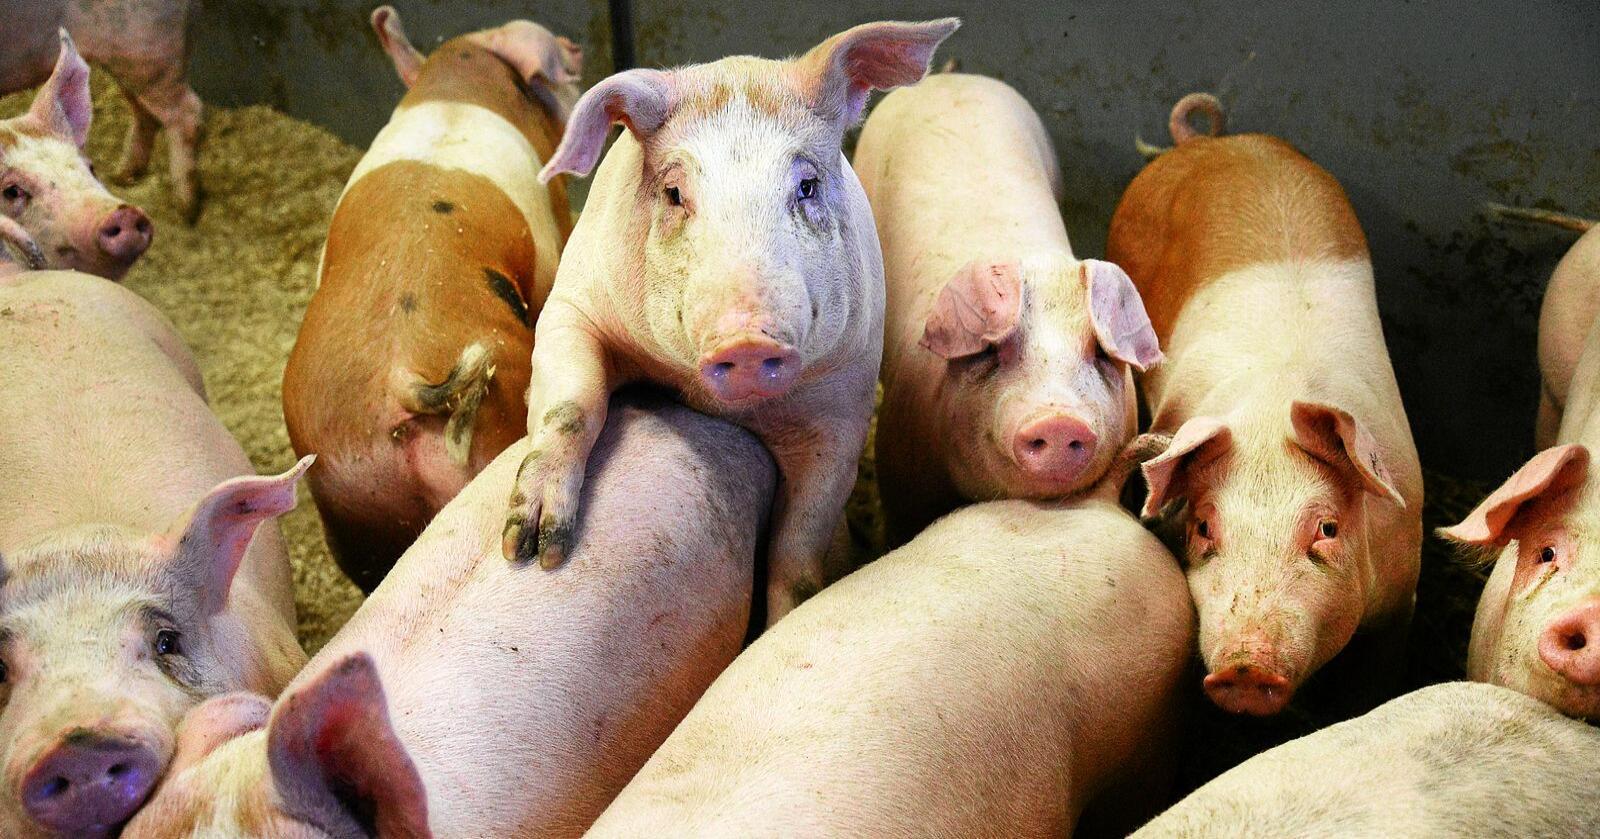 Dyrevelferd: Kompetanse og rutiner er en nøkkel til å bedre dyrevelferden hos norske griser, skriver Lars Petter Bartnes. Foto: Siri Juell Rasmussen